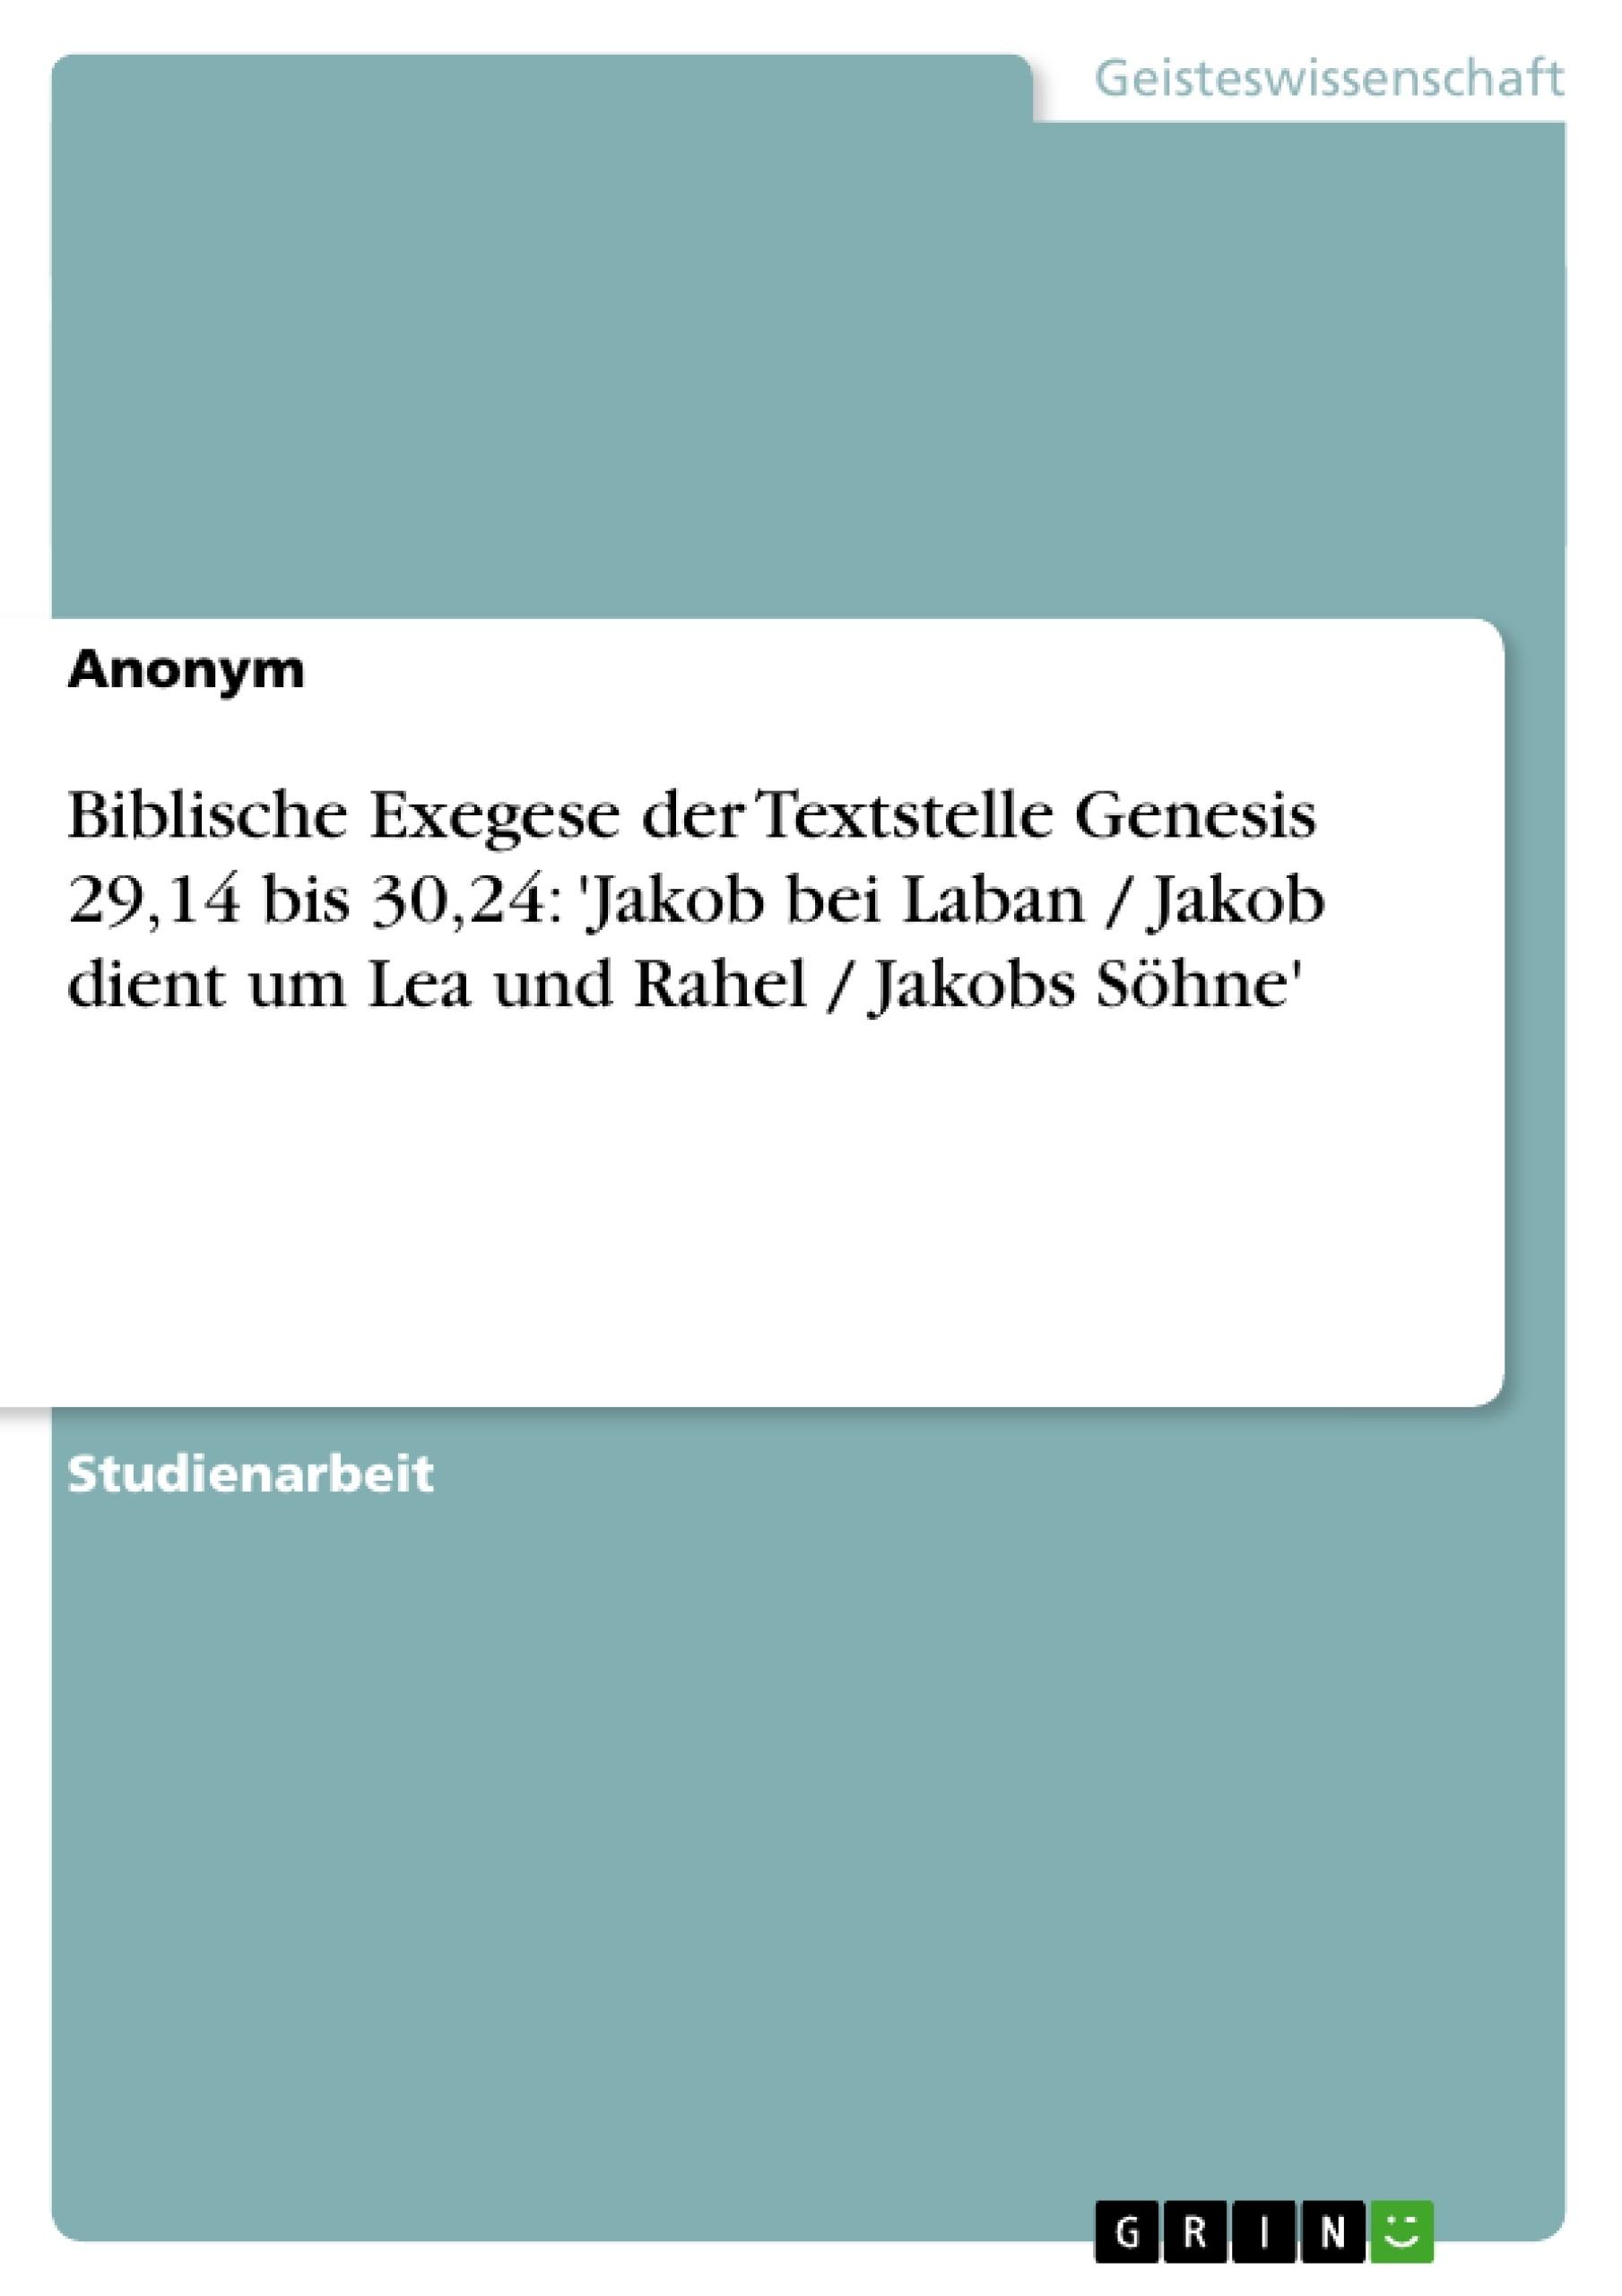 Titel: Biblische Exegese der Textstelle Genesis 29,14 bis 30,24: 'Jakob bei Laban / Jakob dient um Lea und Rahel / Jakobs Söhne'